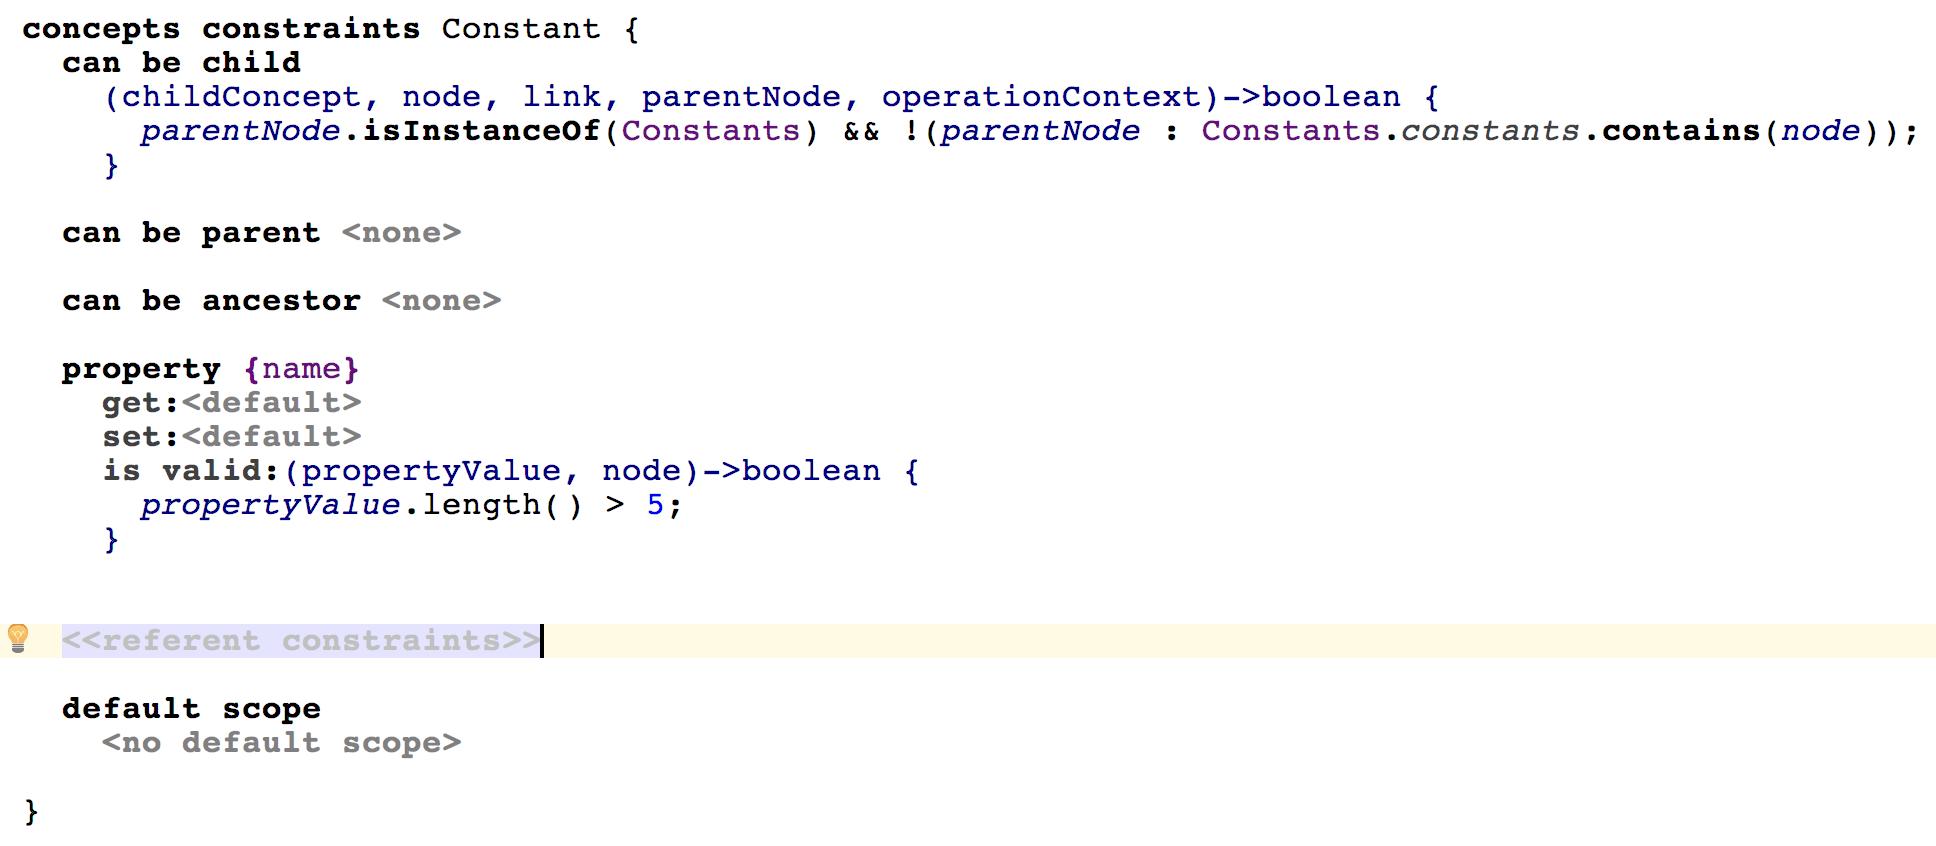 Constraintsx1